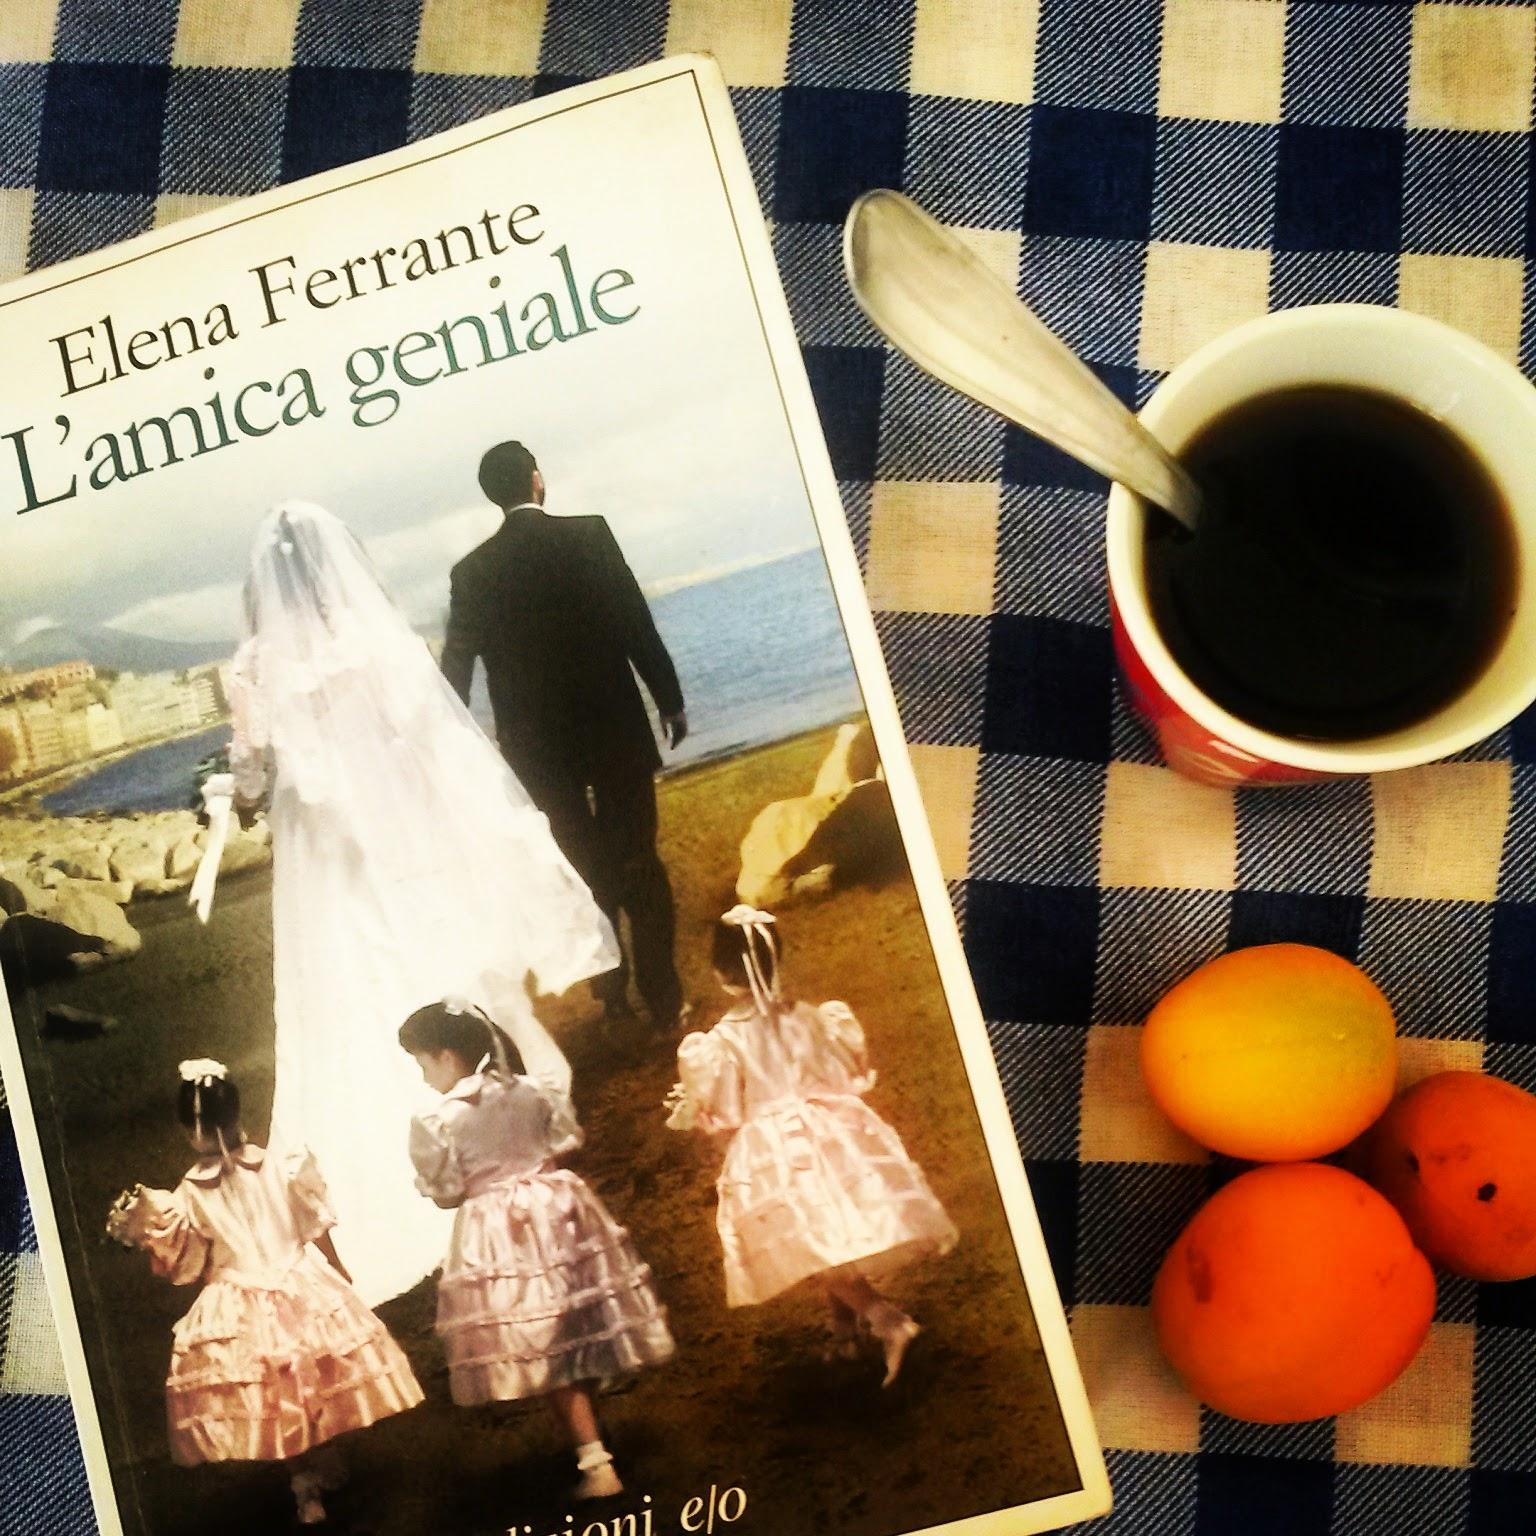 libro-elena-ferrante